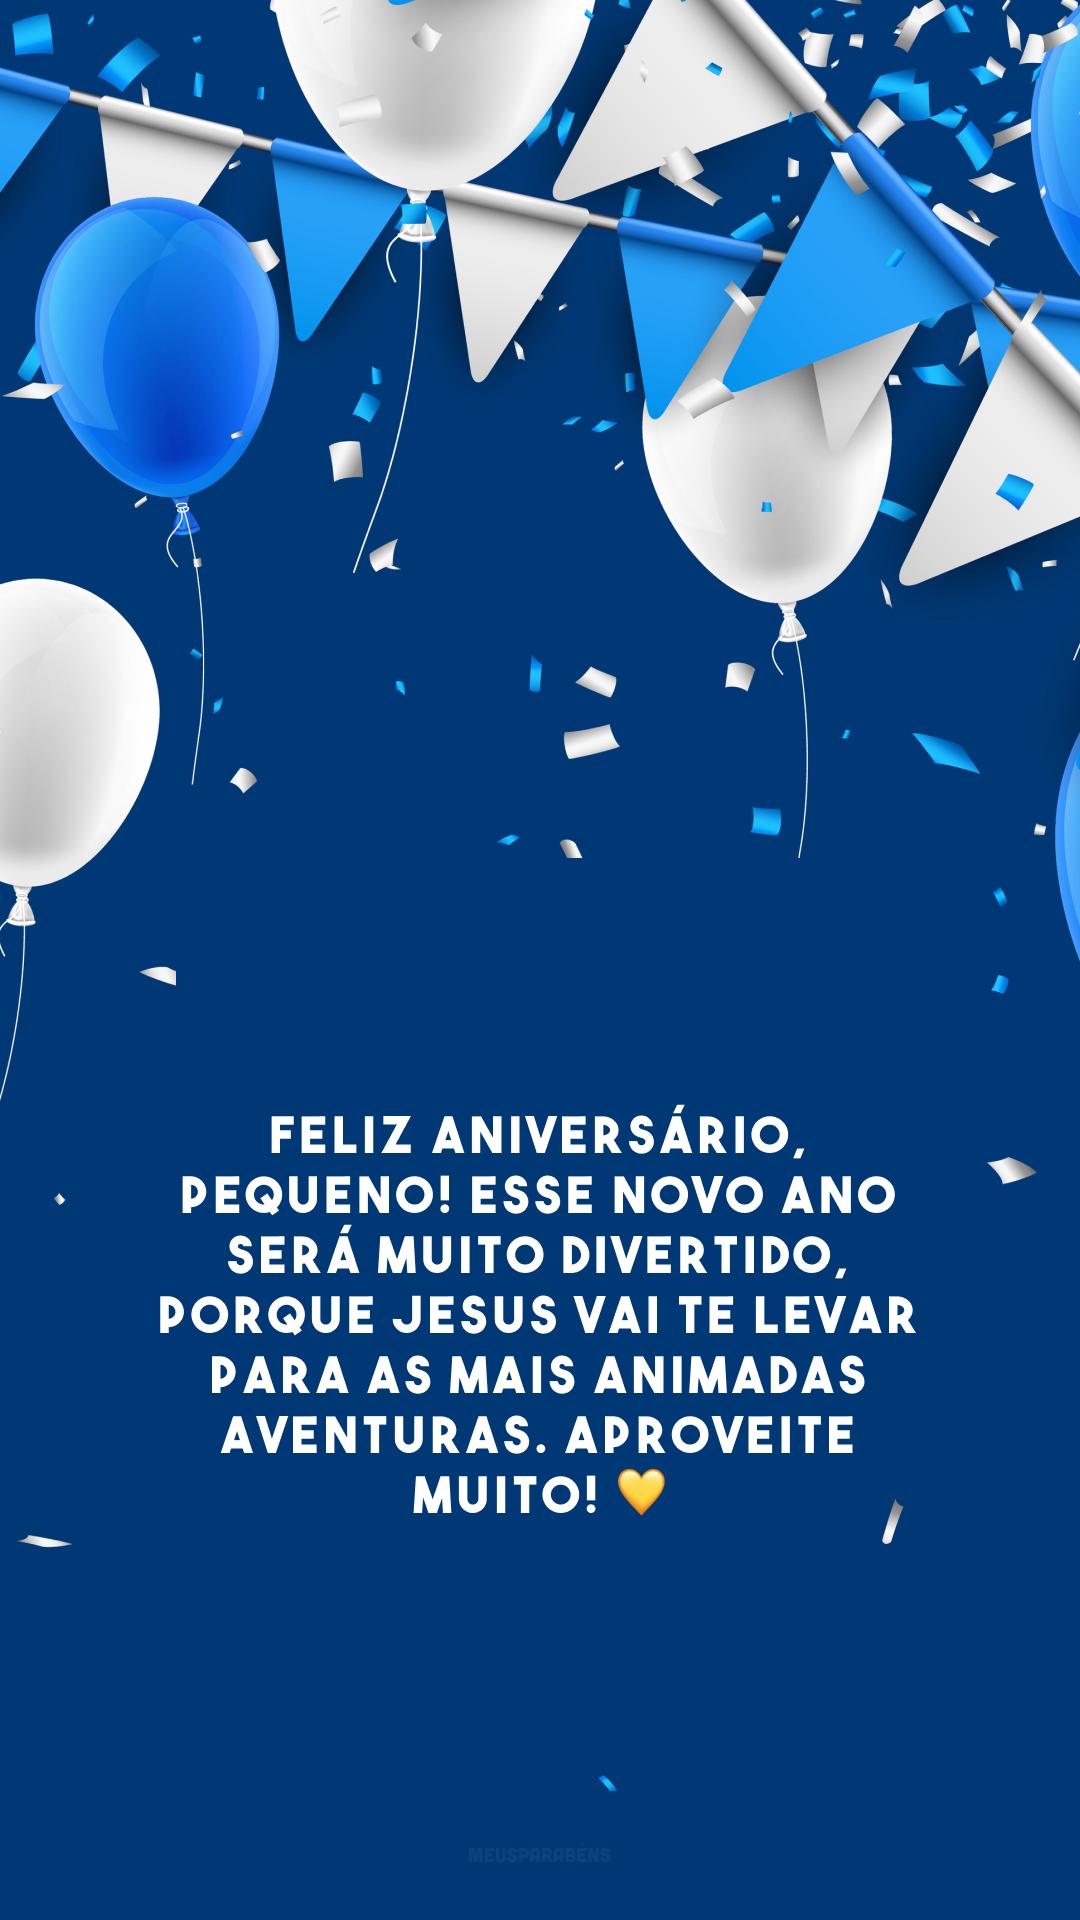 Feliz aniversário, pequeno! Esse novo ano será muito divertido, porque Jesus vai te levar para as mais animadas aventuras. Aproveite muito! 💛